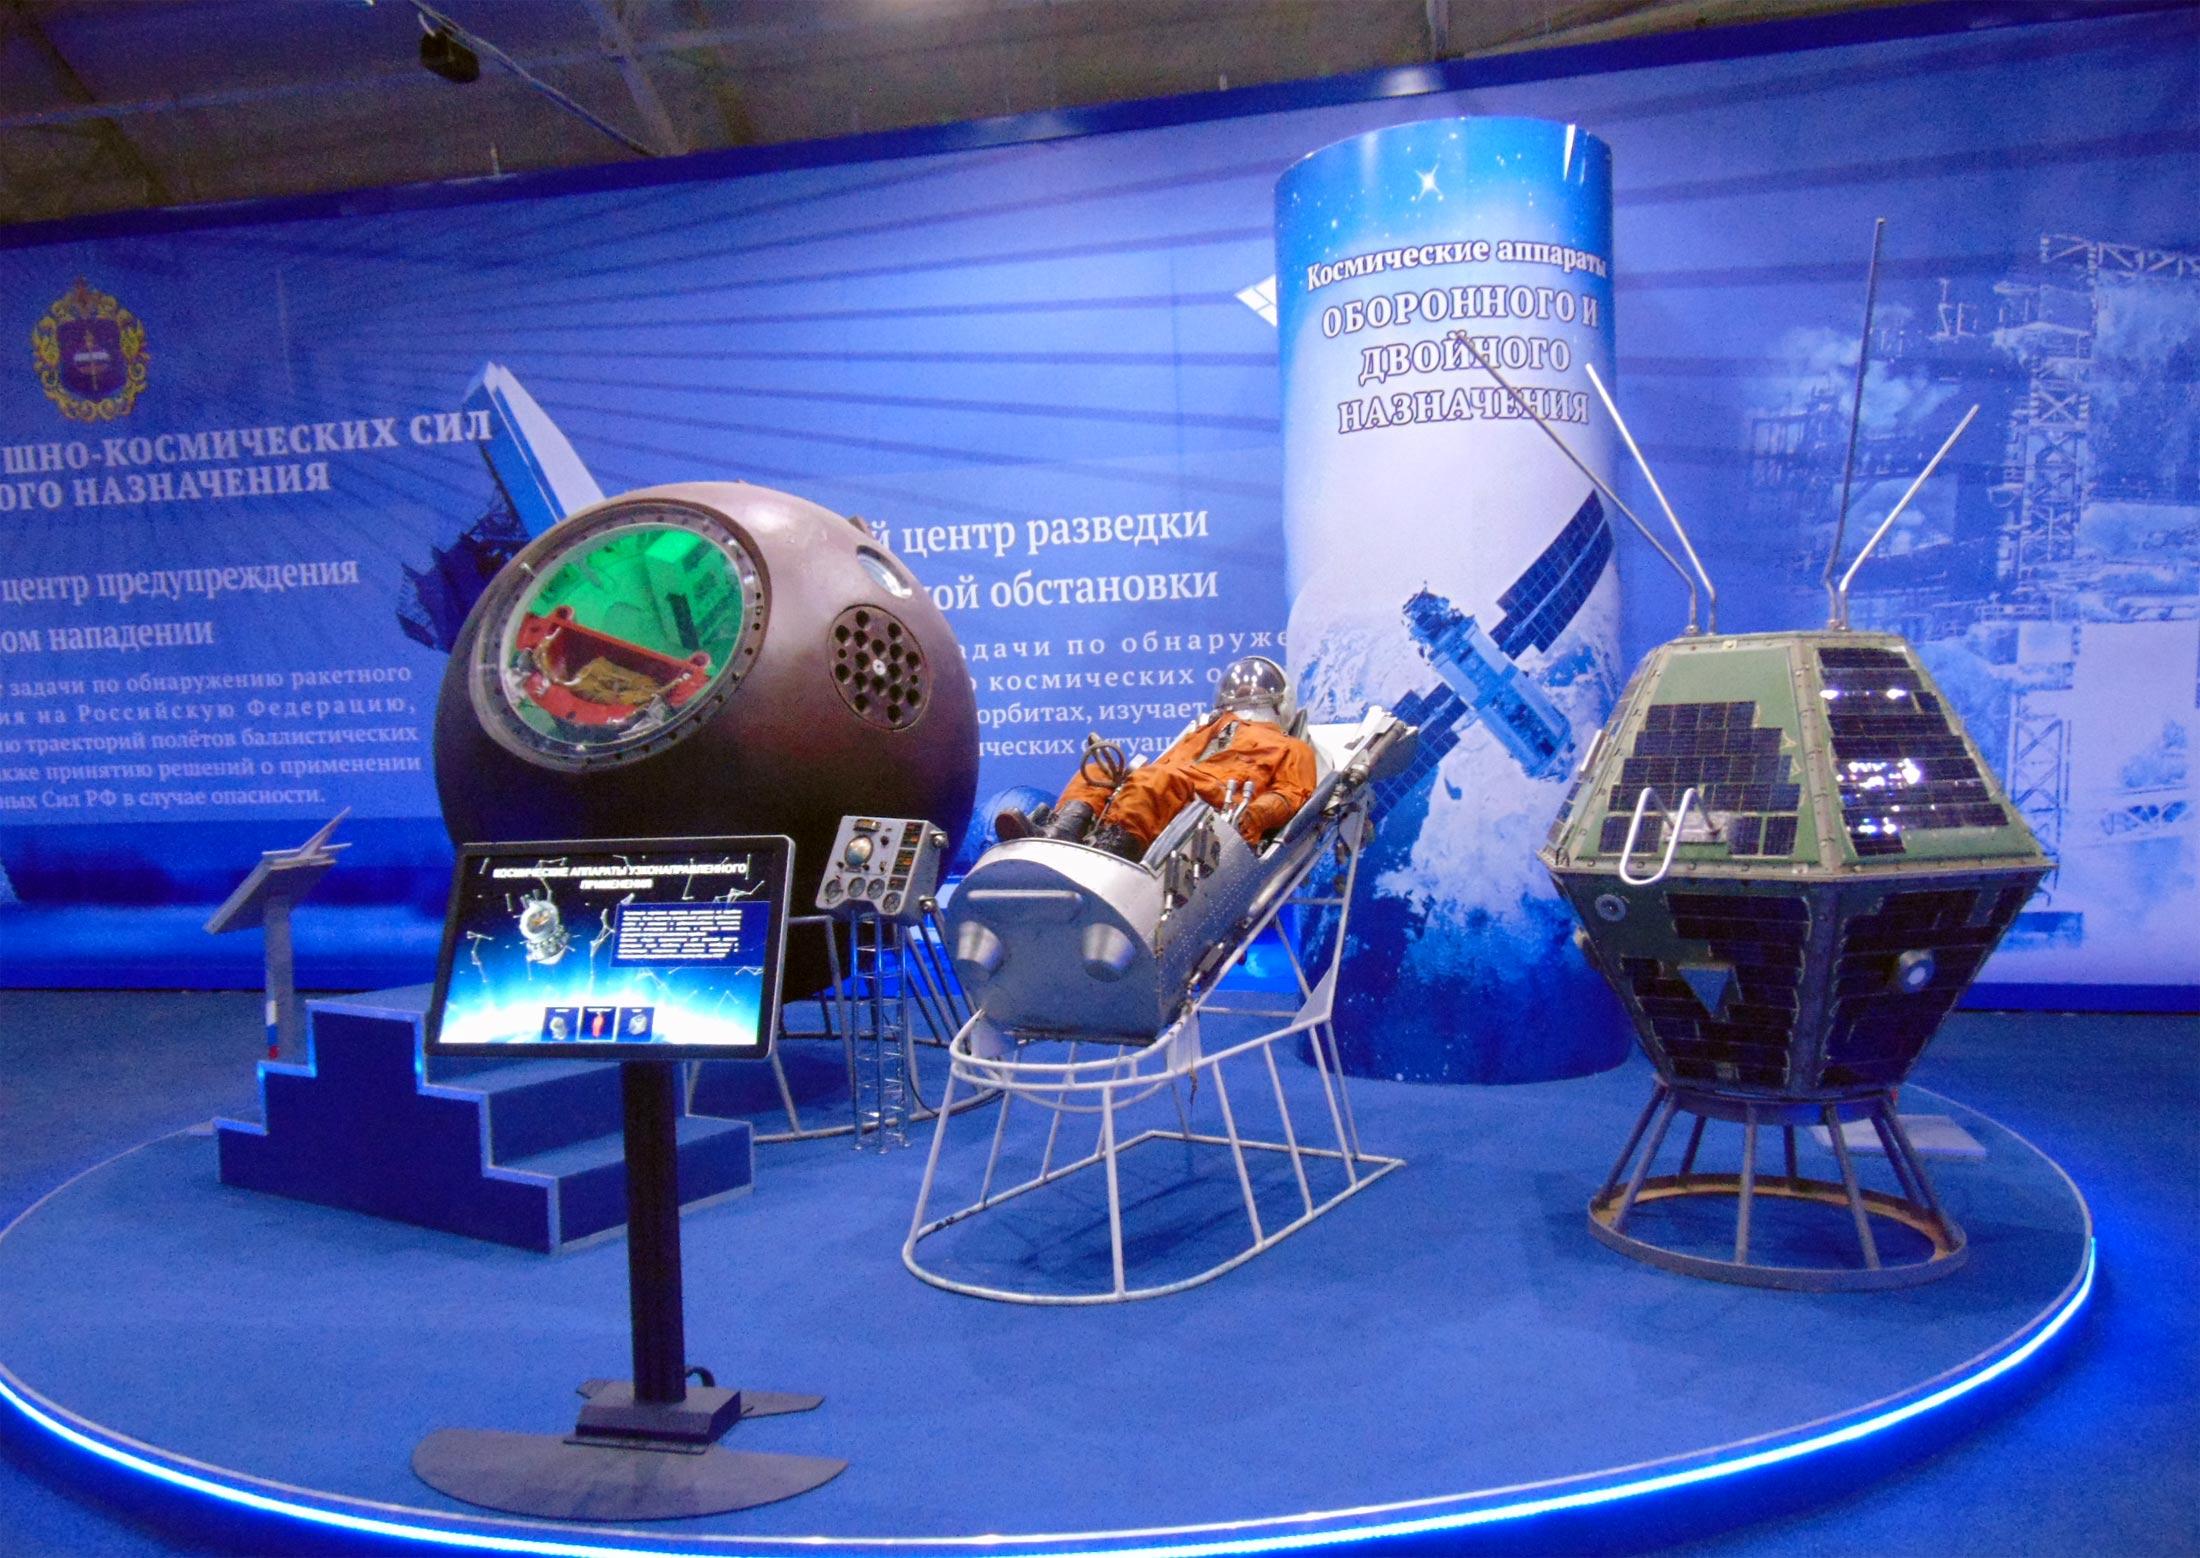 Gagarin spacecraft exhibition